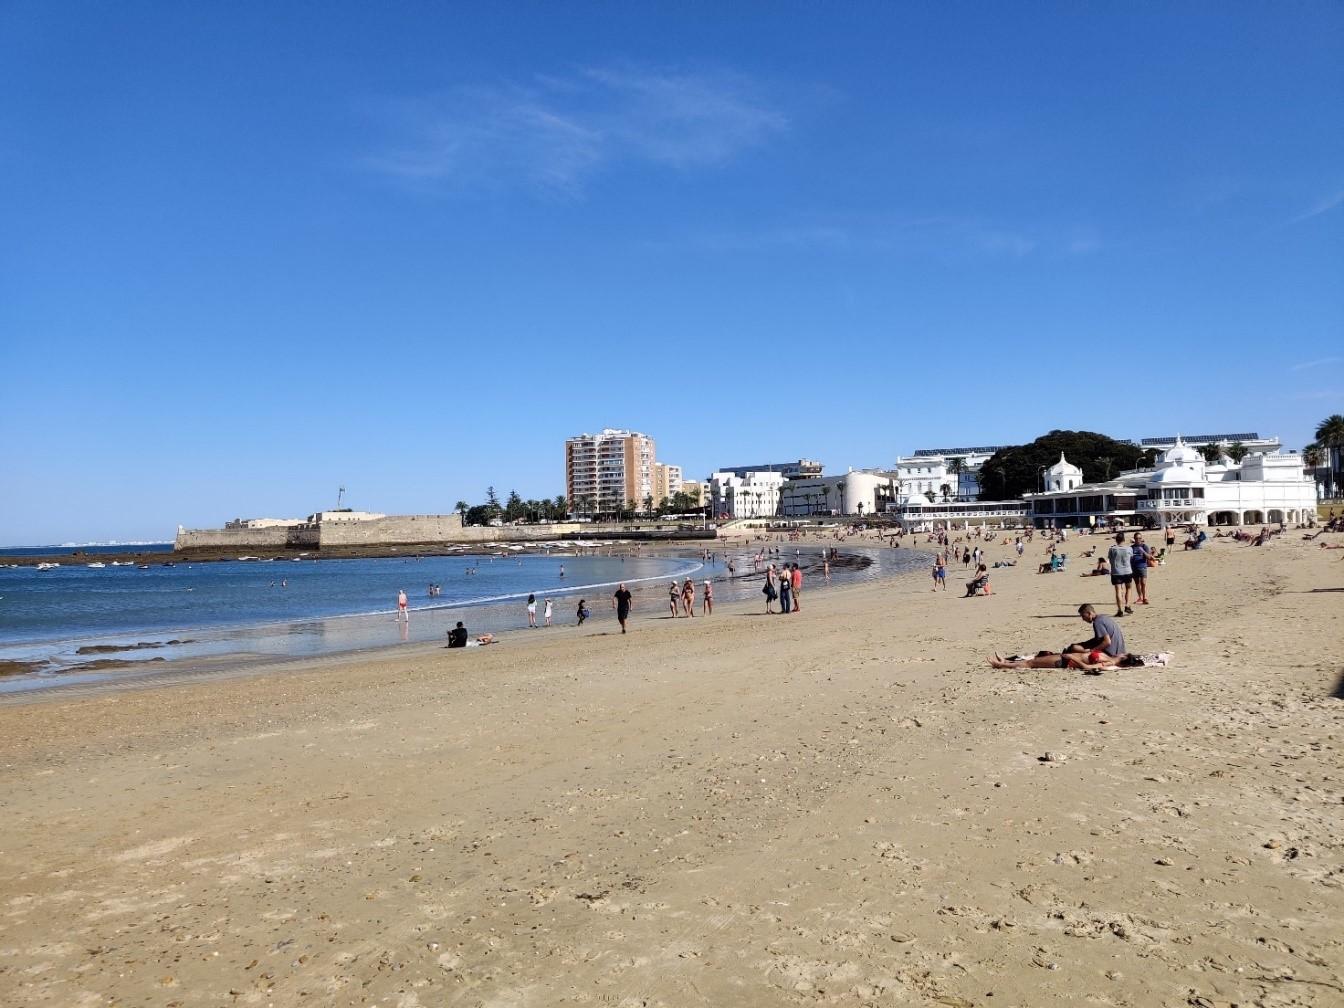 Uimaranta. Vasemmalla merta, oikealla hiekkaranta ja ihmisiä sekä valkoinen rantamökki.